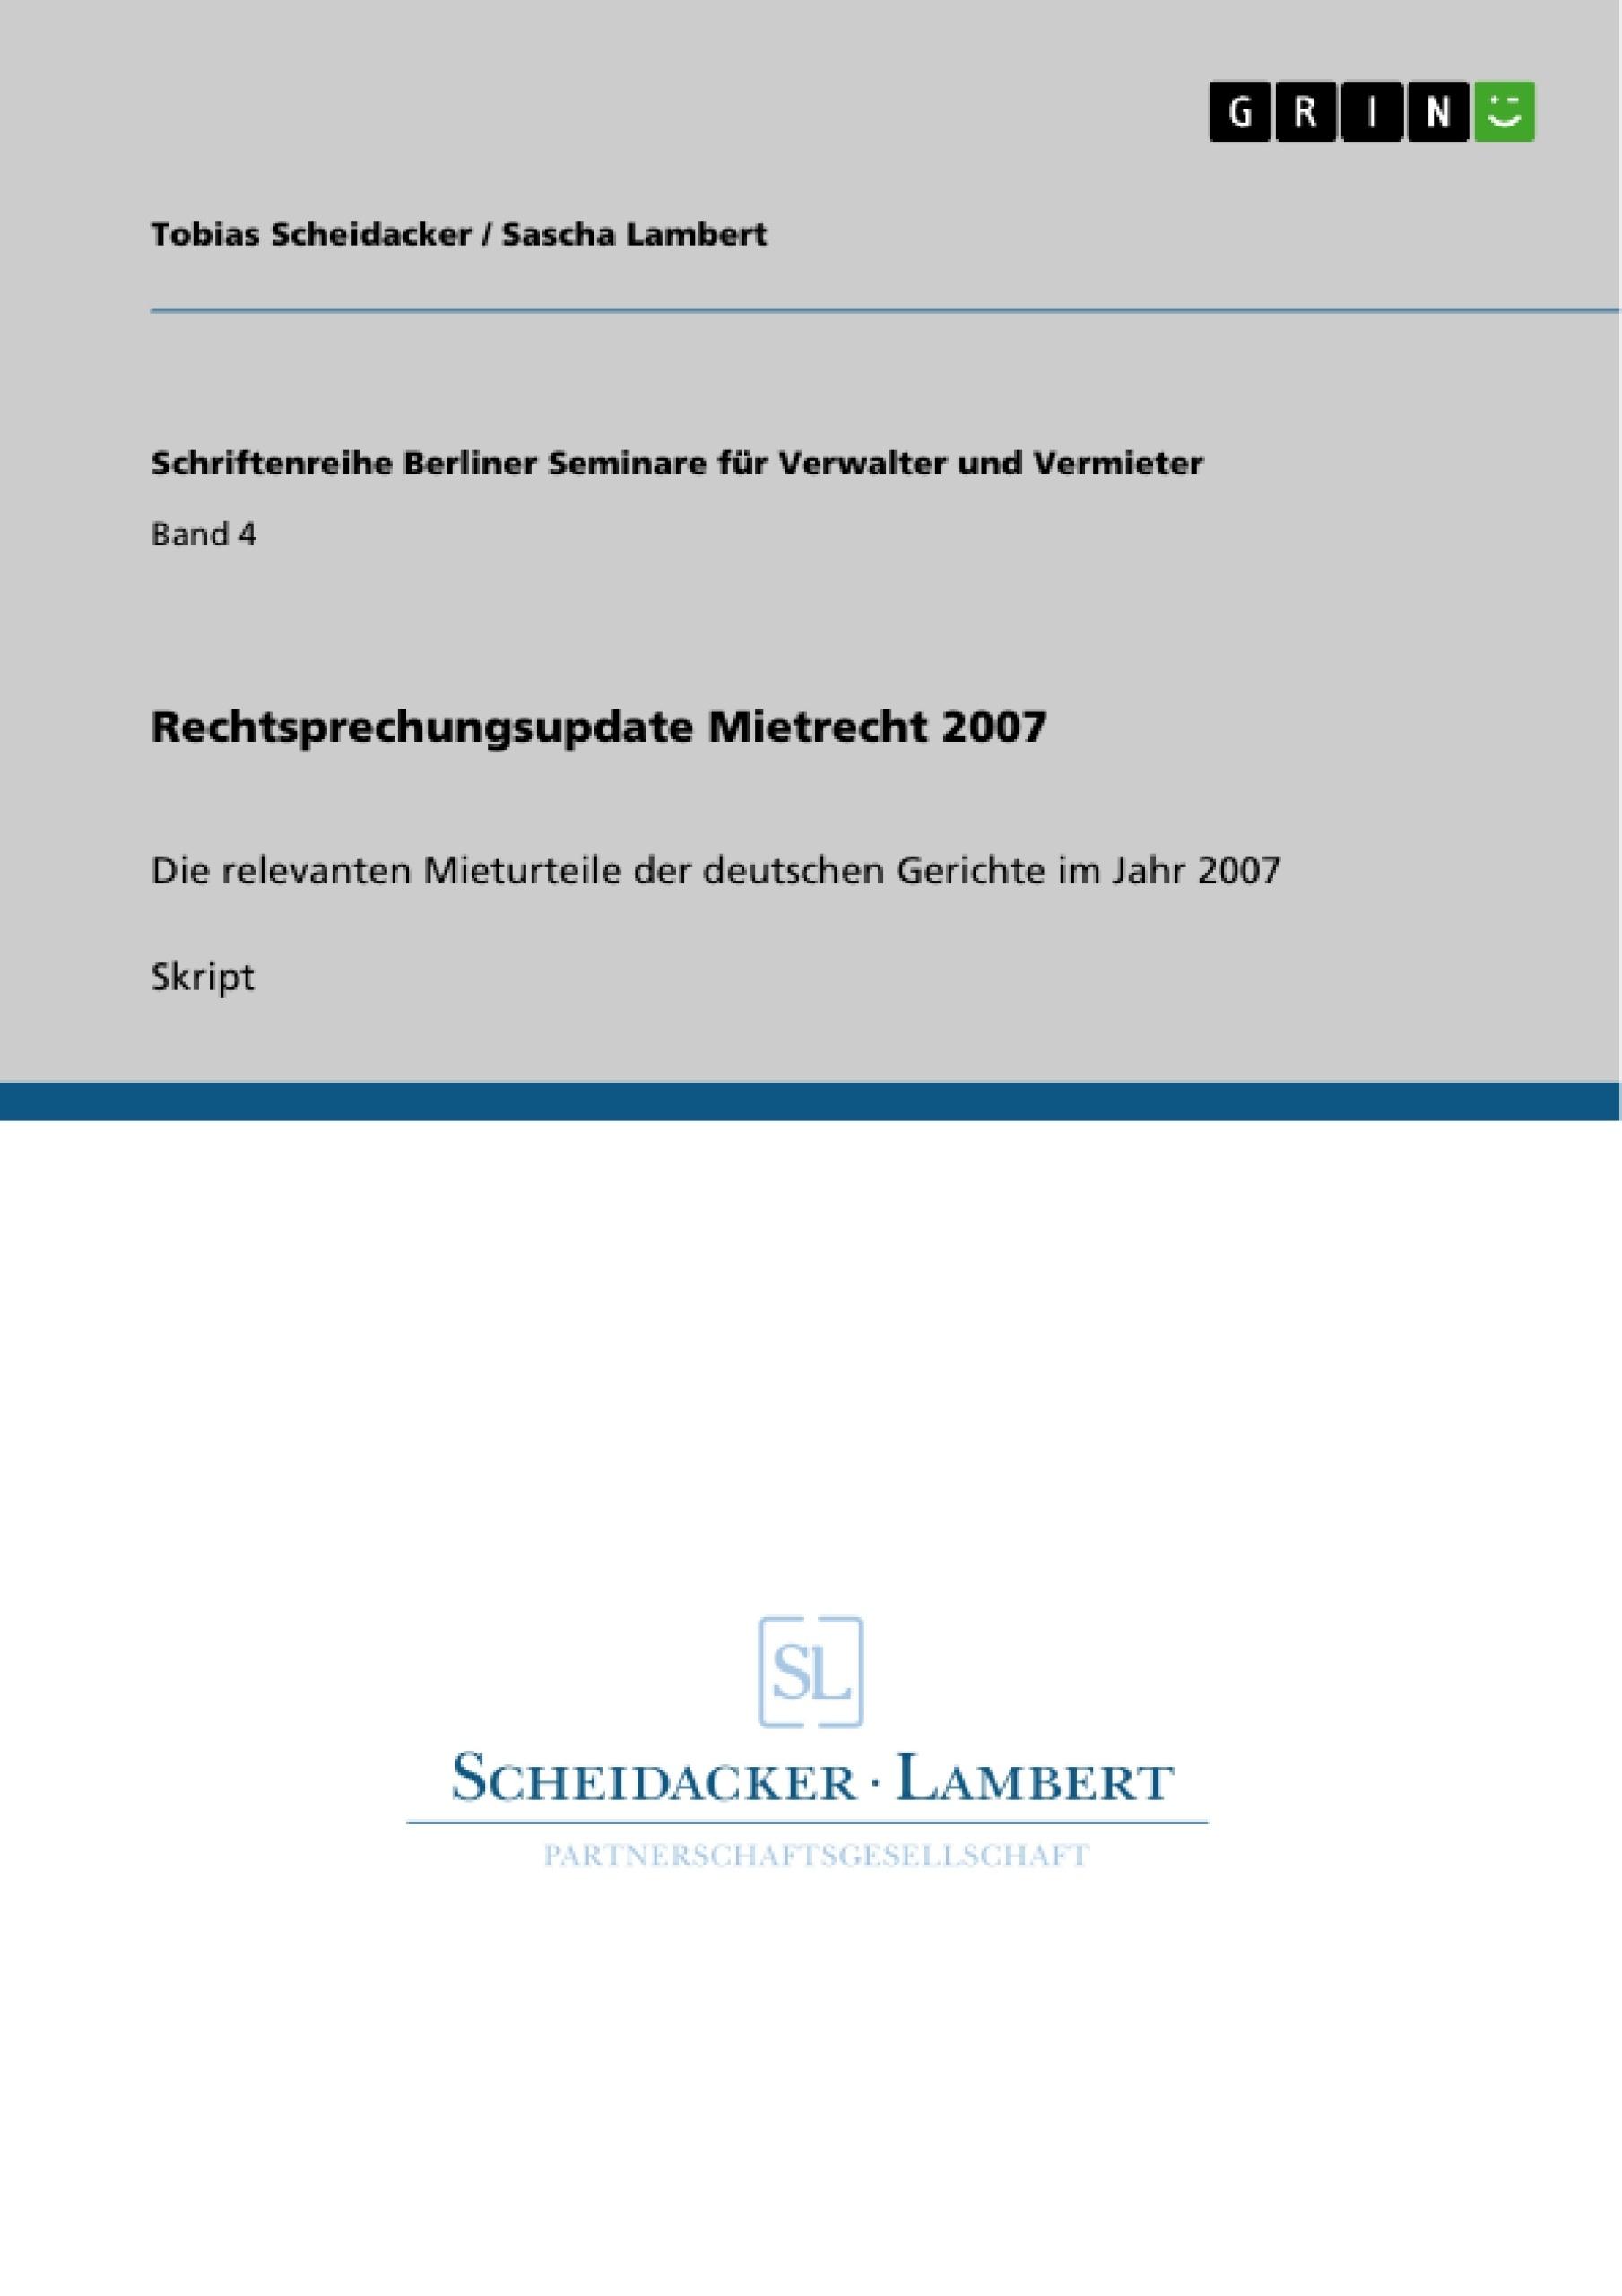 Titel: Rechtsprechungsupdate Mietrecht 2007